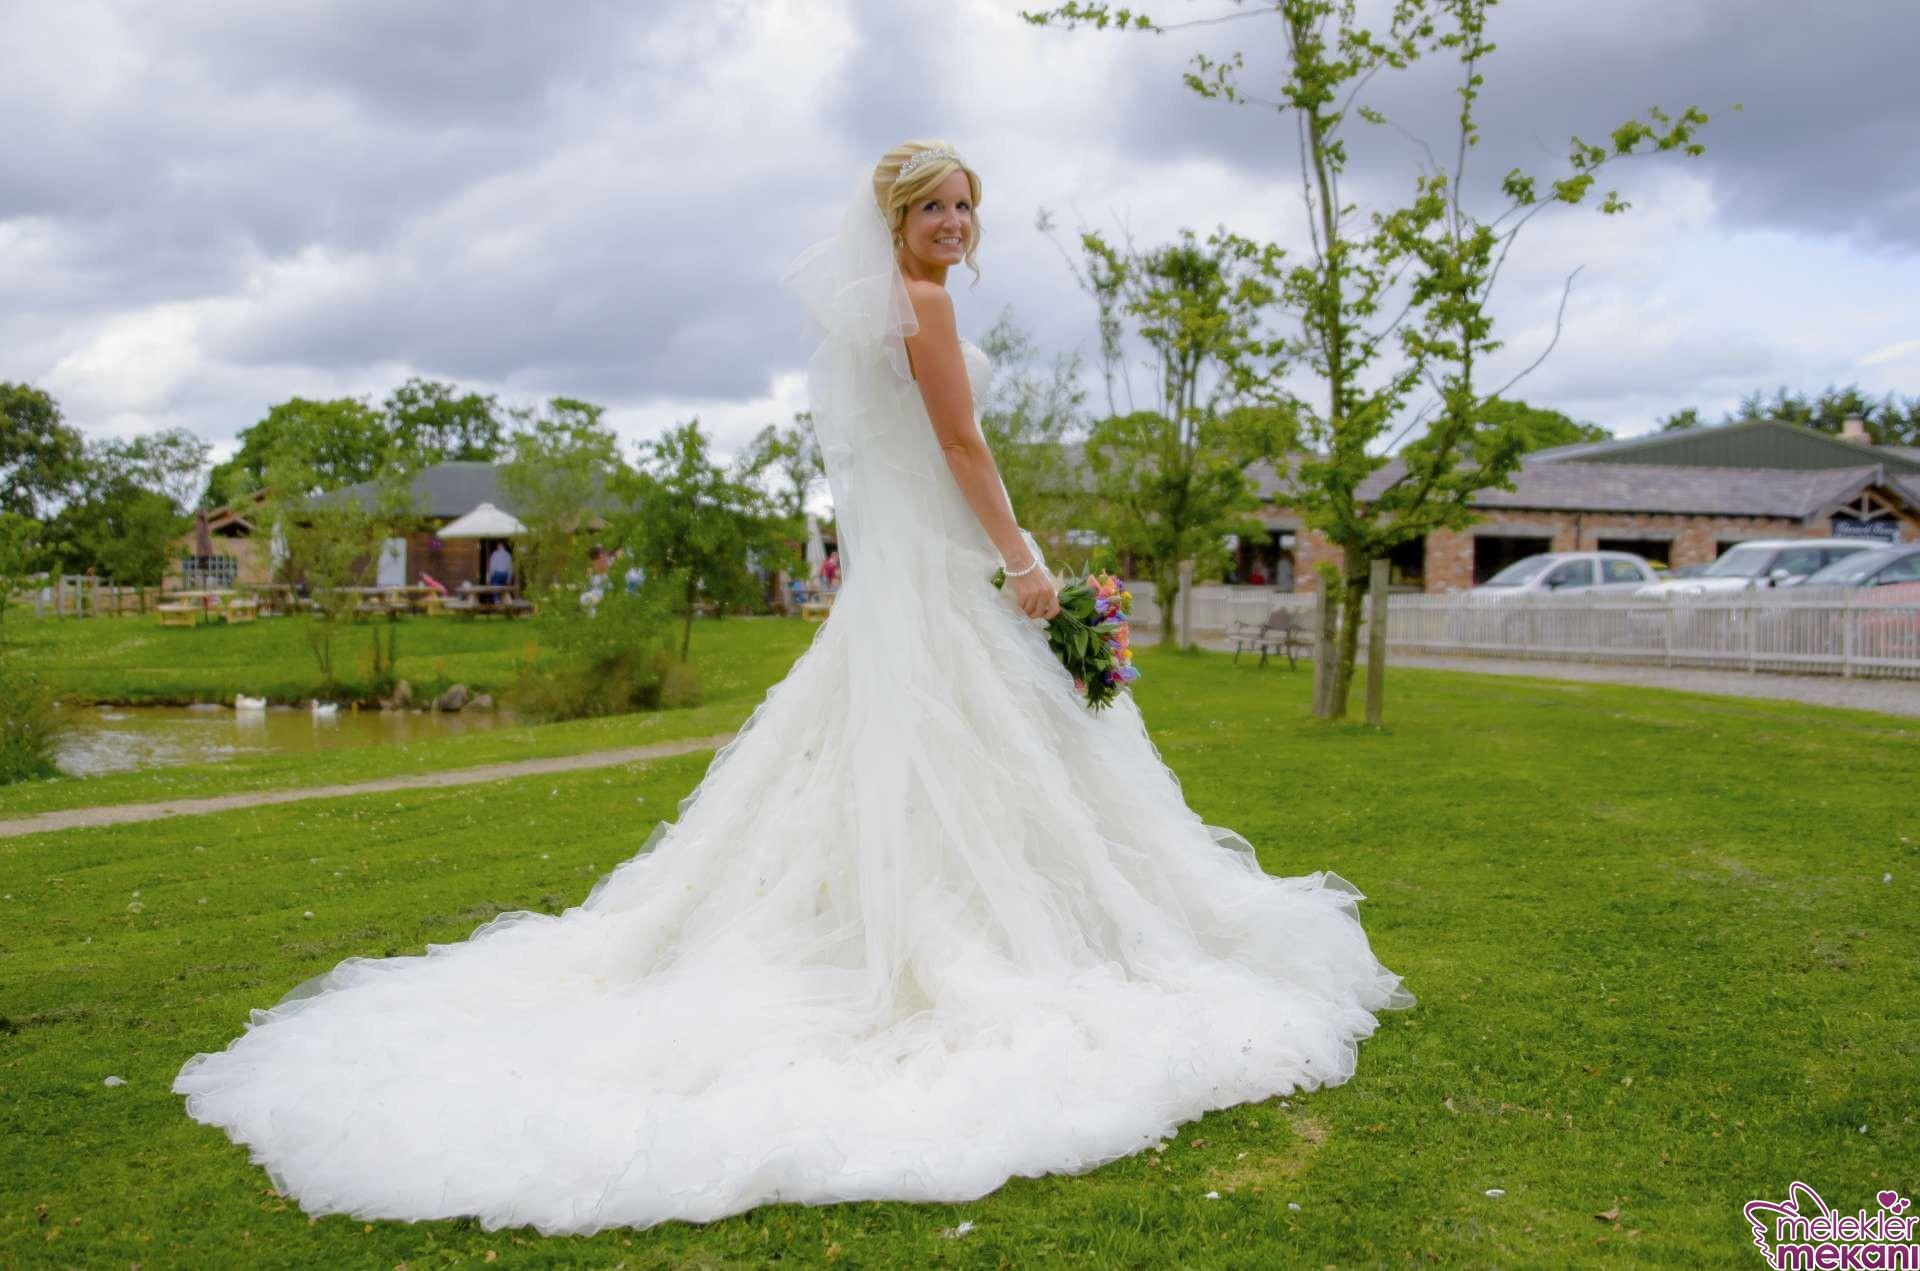 Gelinlik İçin Gelin Diyeti 1 Haftada 3 Kilo Verme Düğün Diyet Listesi Tıklayın